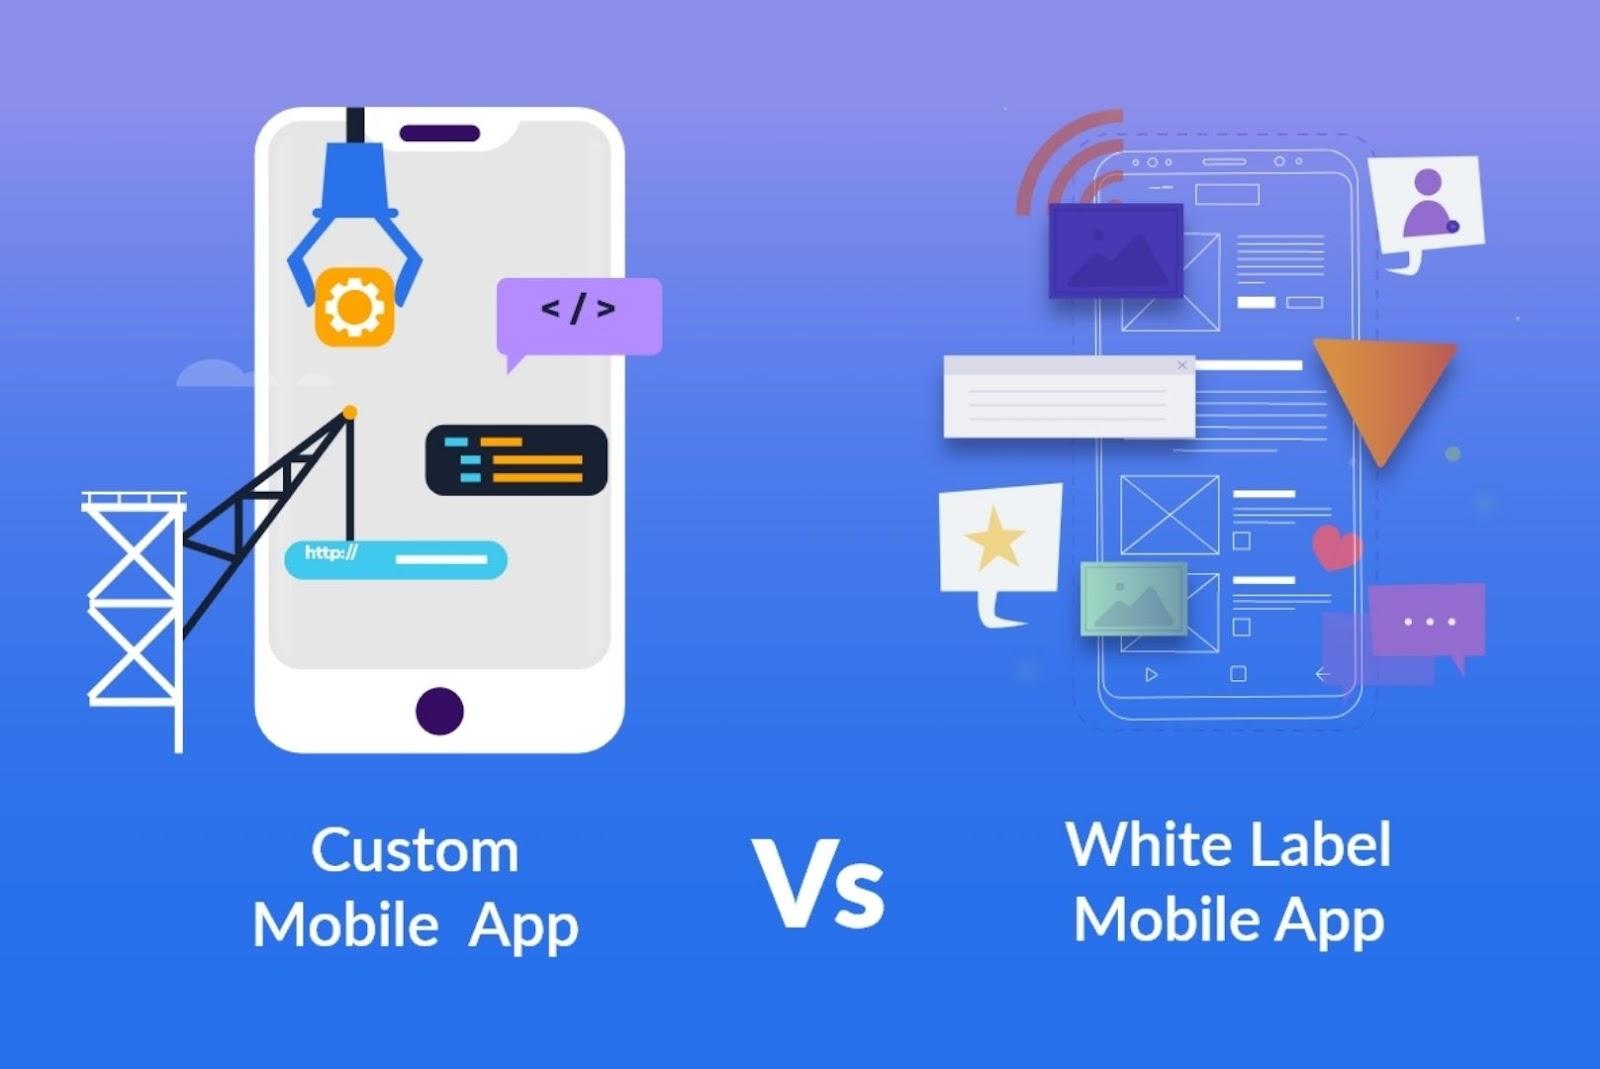 white label mobile app vs custom mobile app